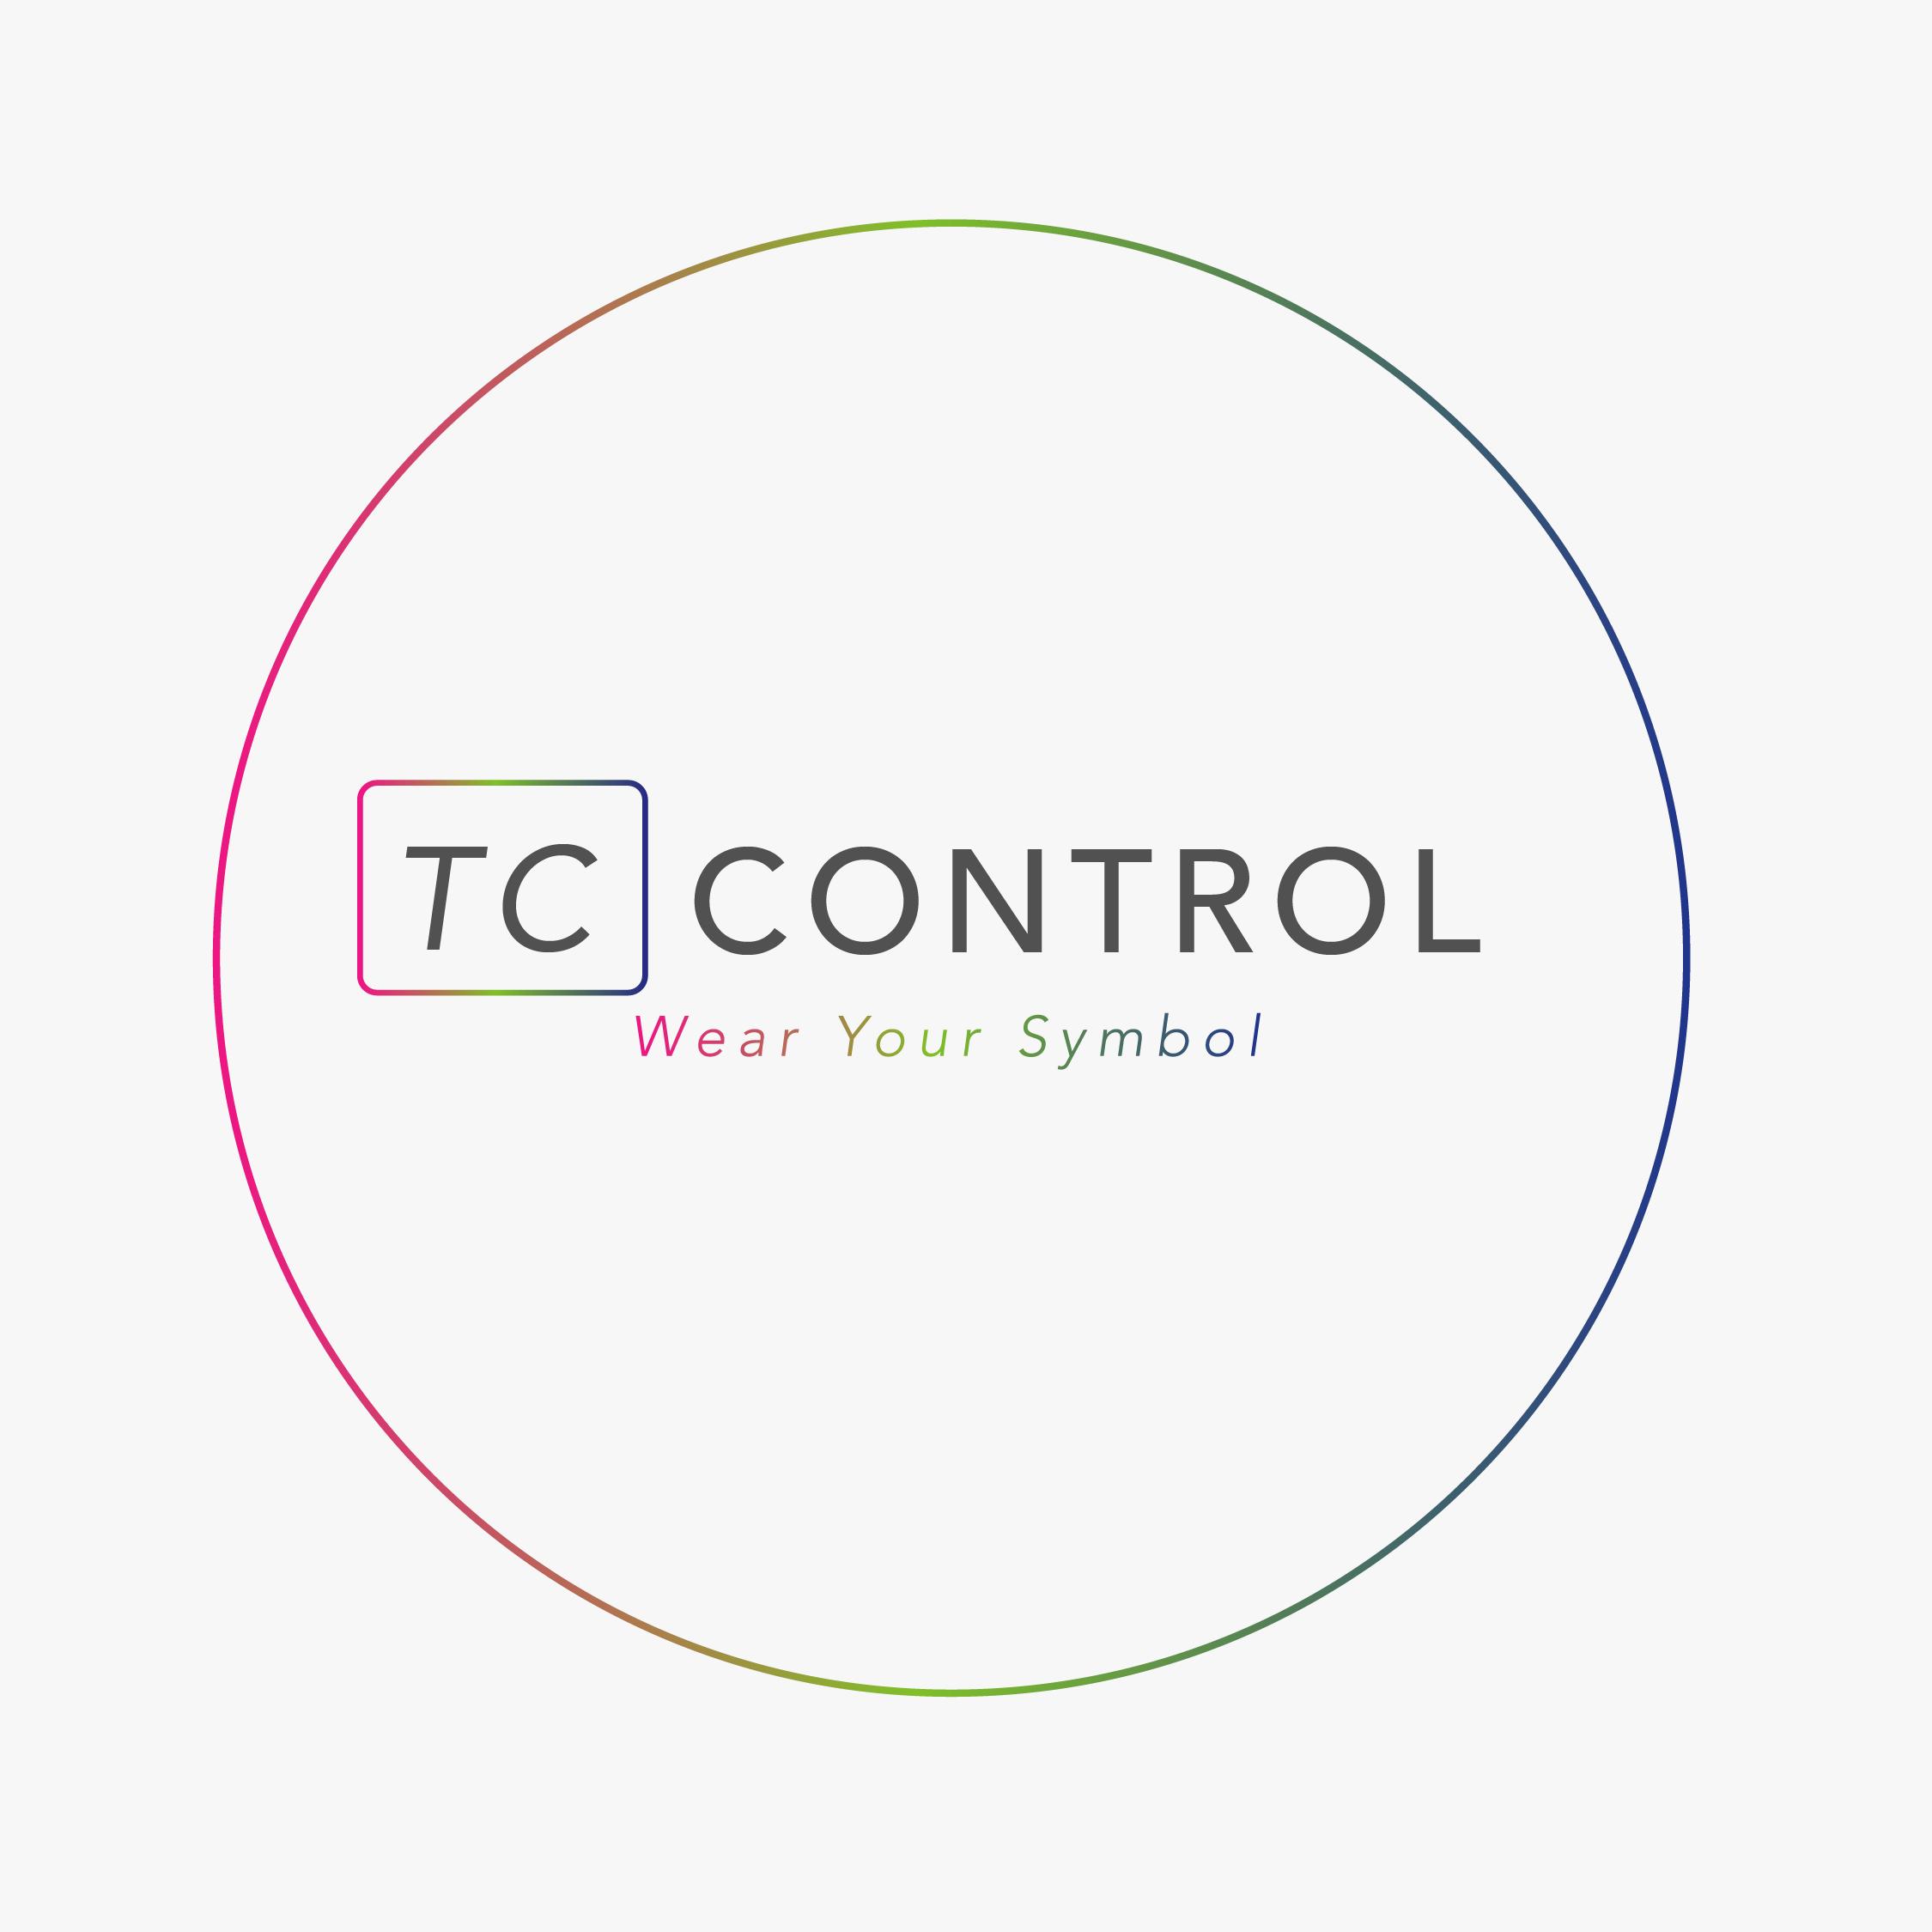 COLSA-TC-control